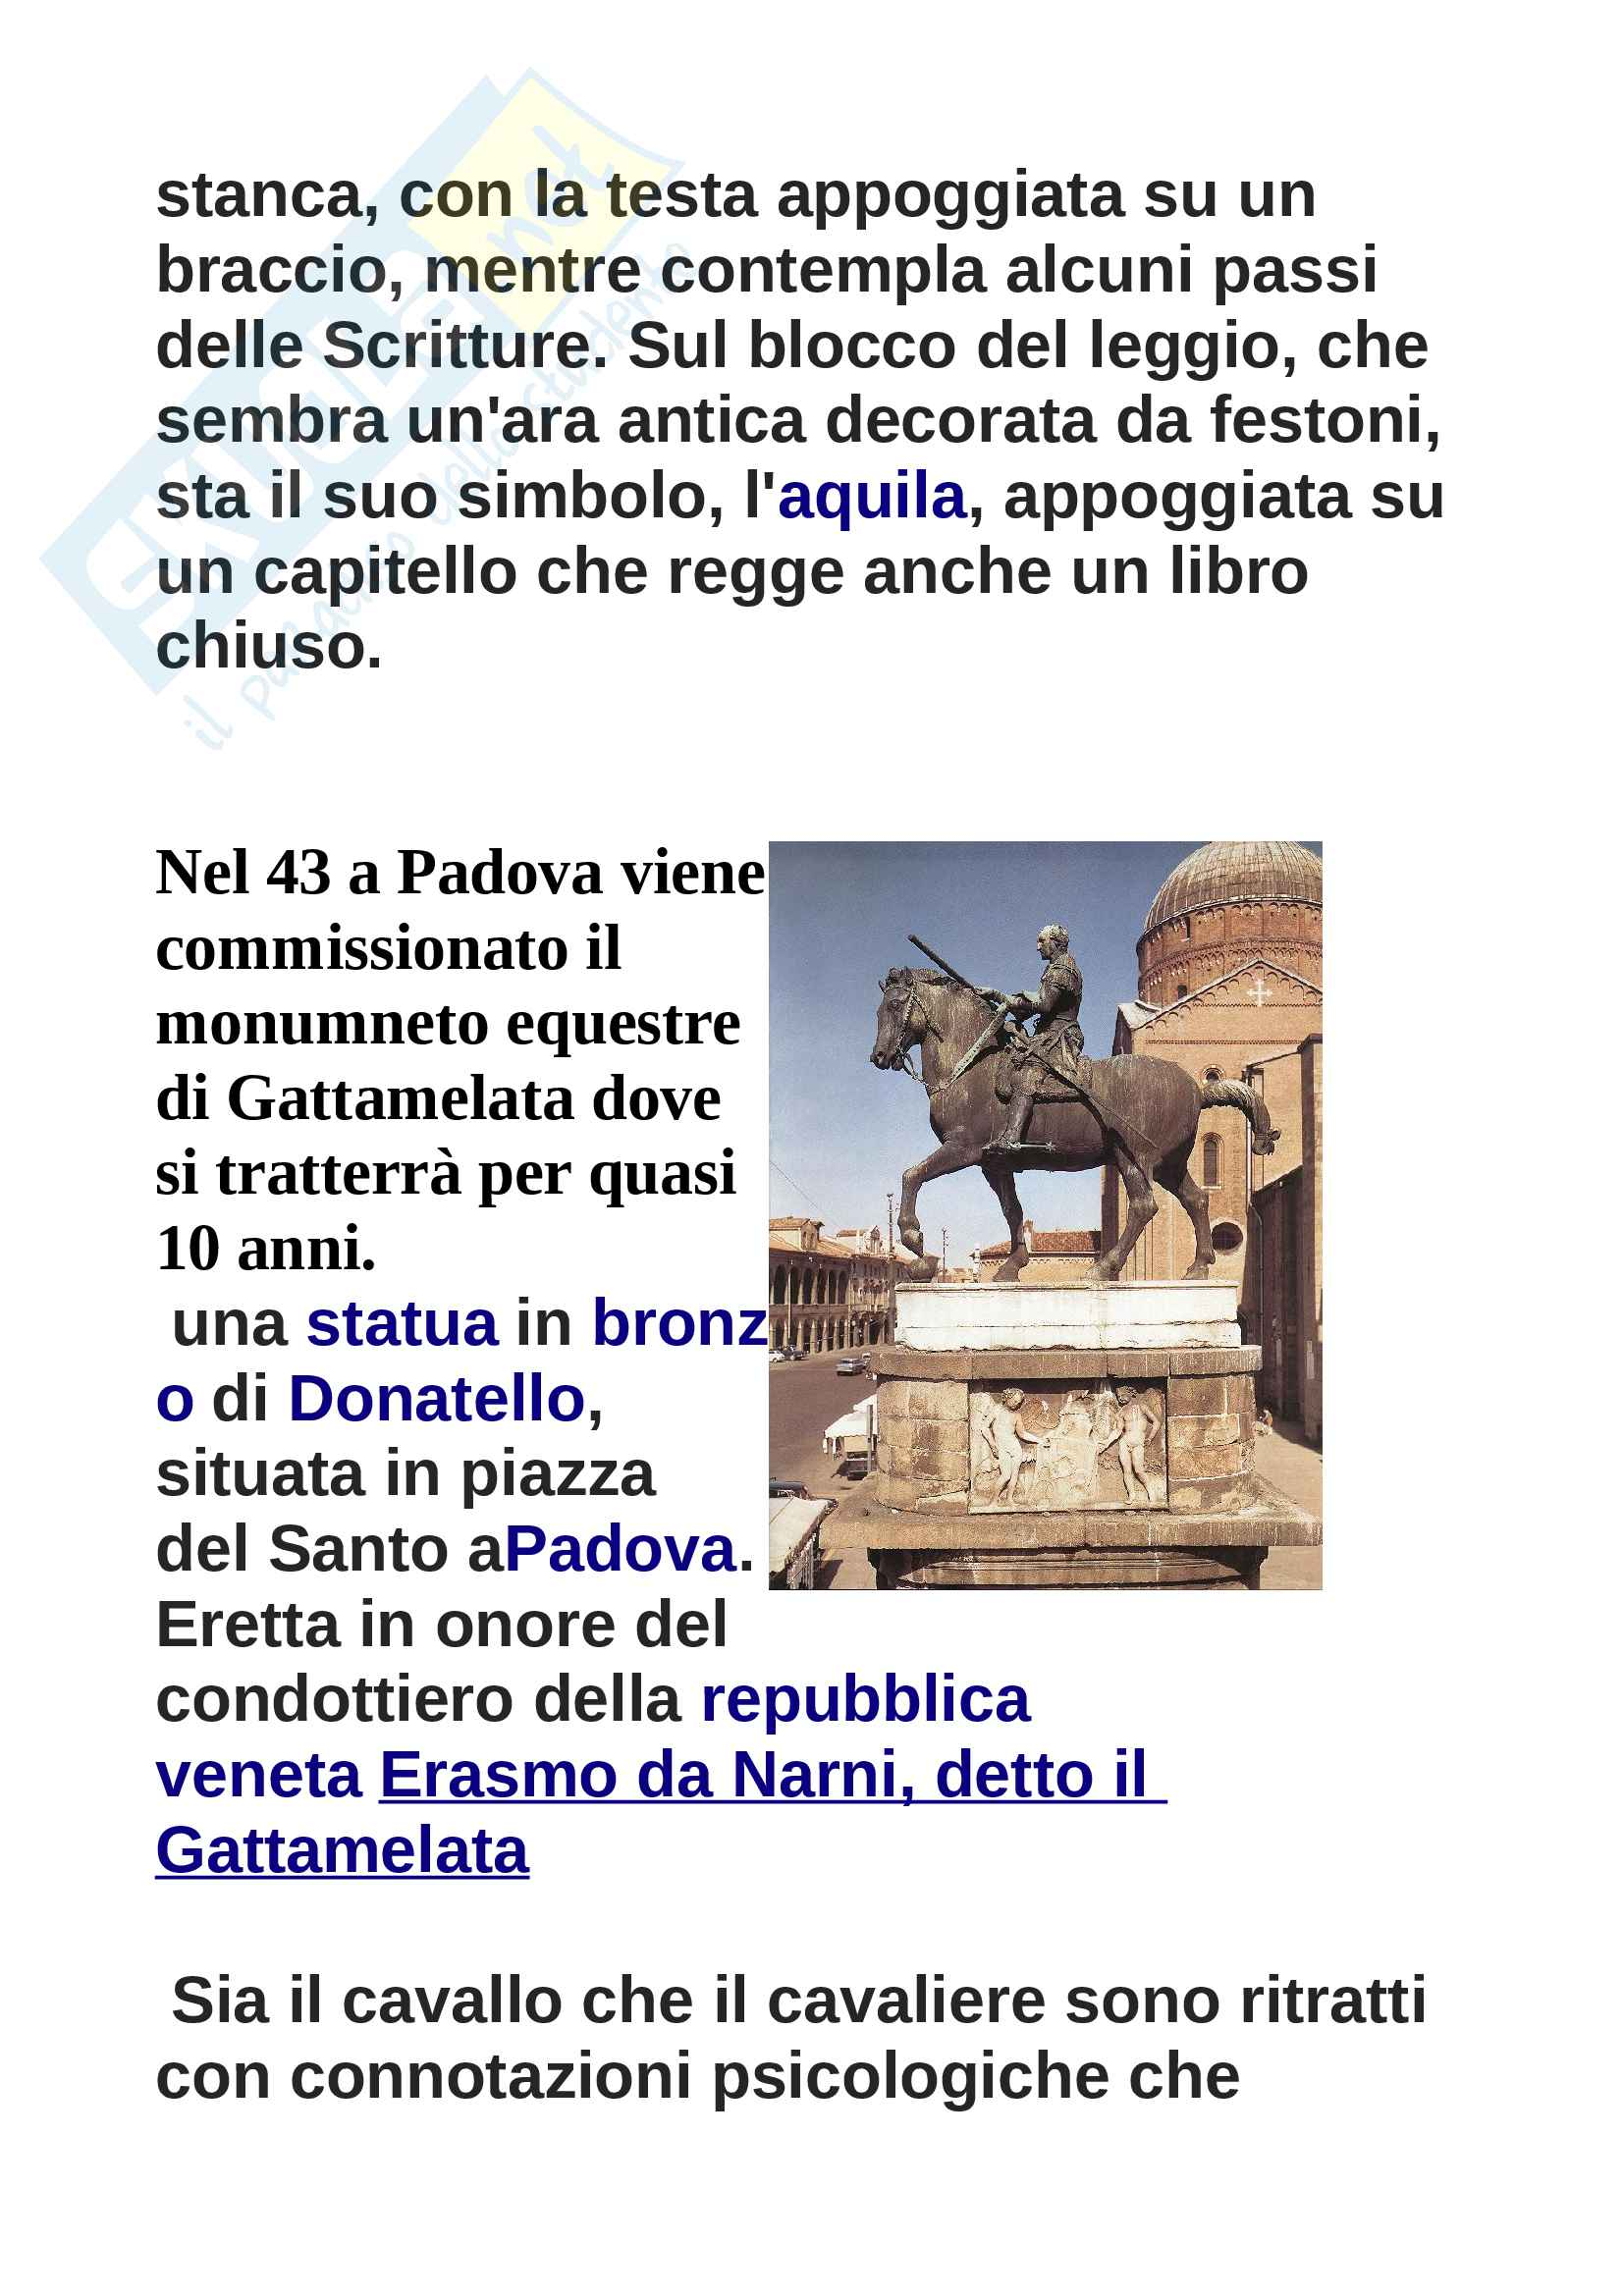 Donatello, storia dell'arte Pag. 21